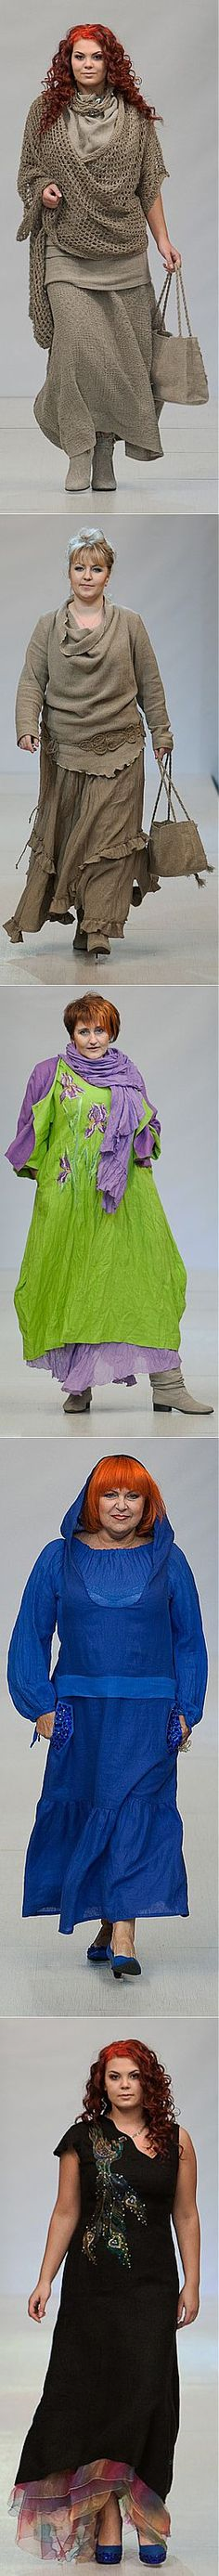 Одежда в бохо стиле от белорусского дизайнера Натальи Гайдаржи.